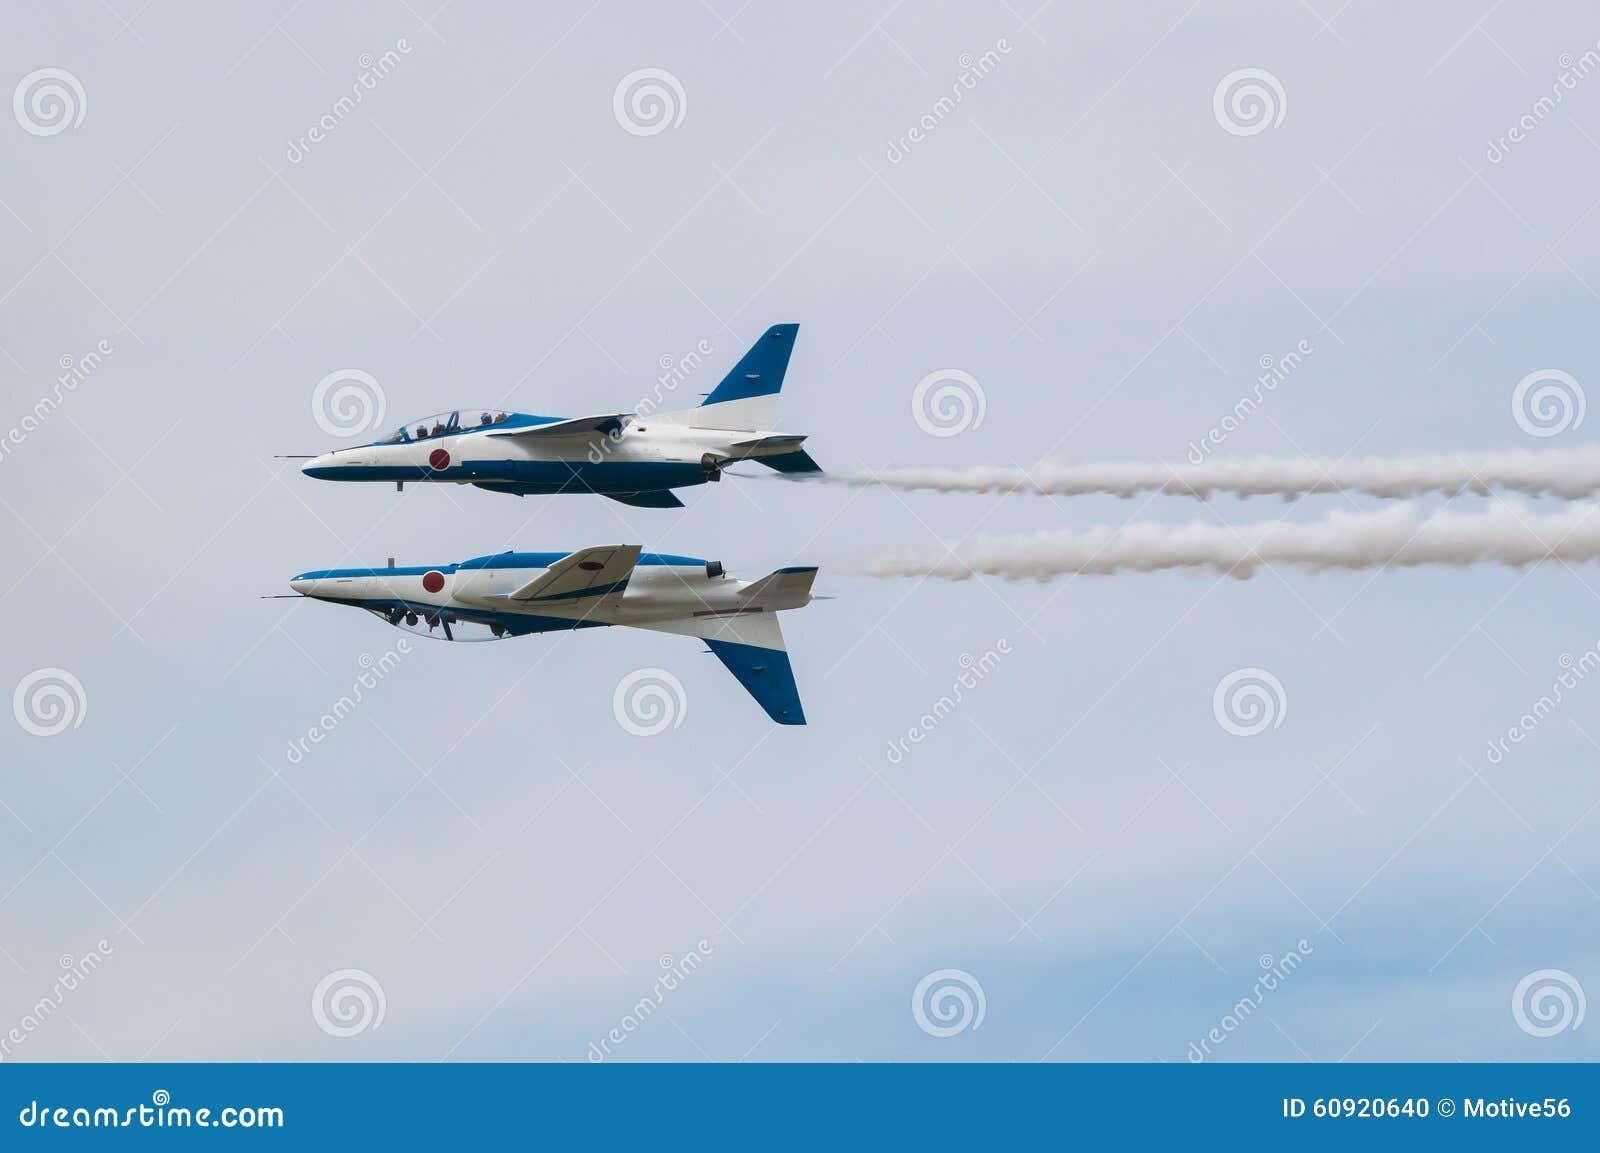 Demonstration Flights of Blue Impulse